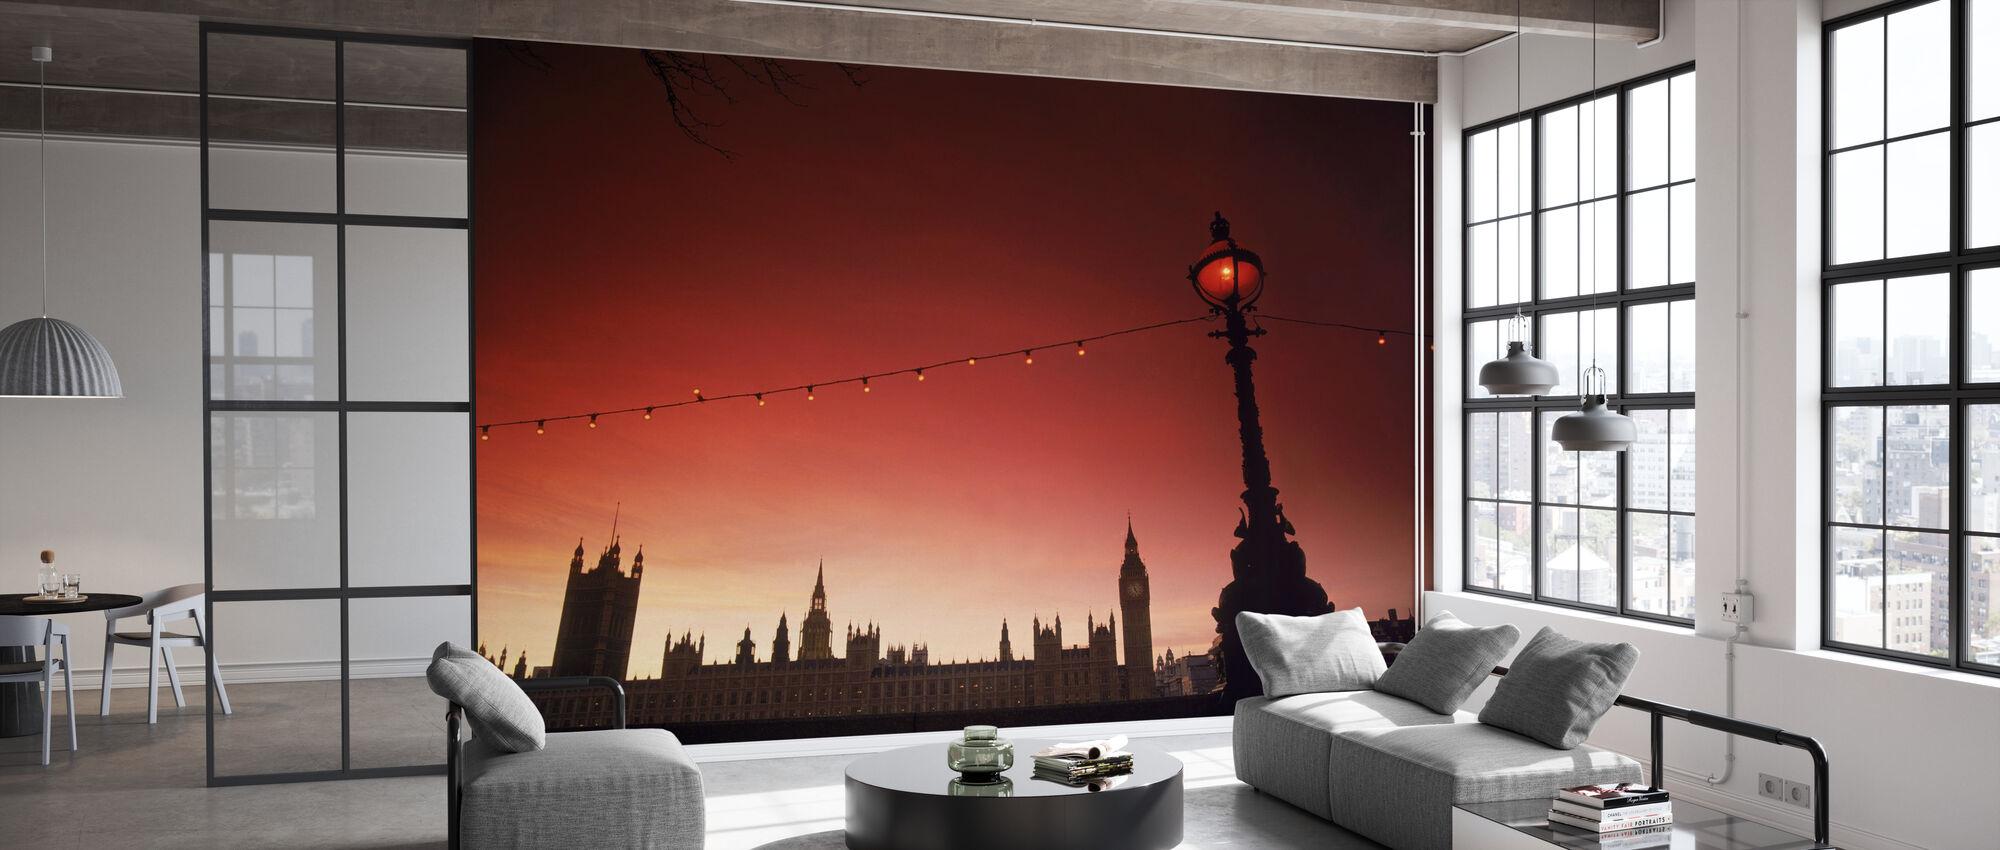 A Study in Scarlet, London - Wallpaper - Office